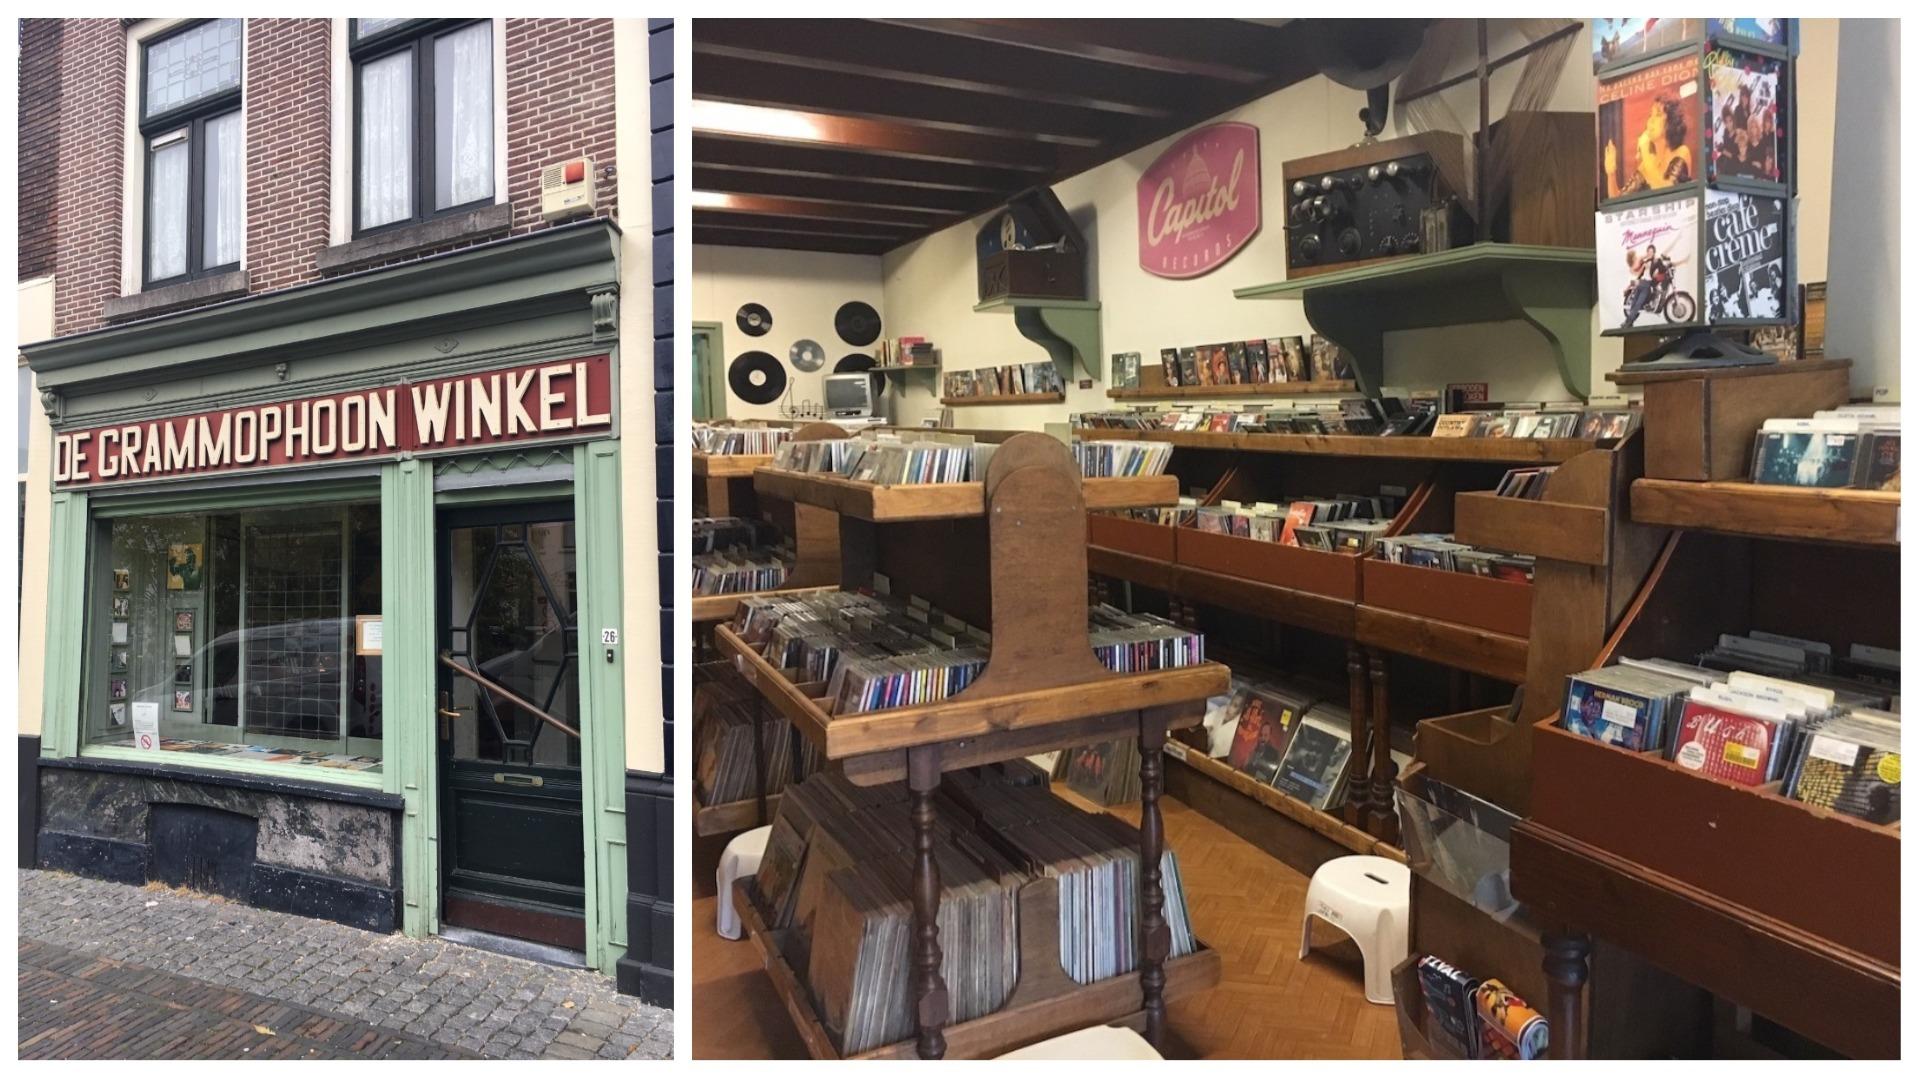 De Grammophoon Winkel Utrecht Record Shops